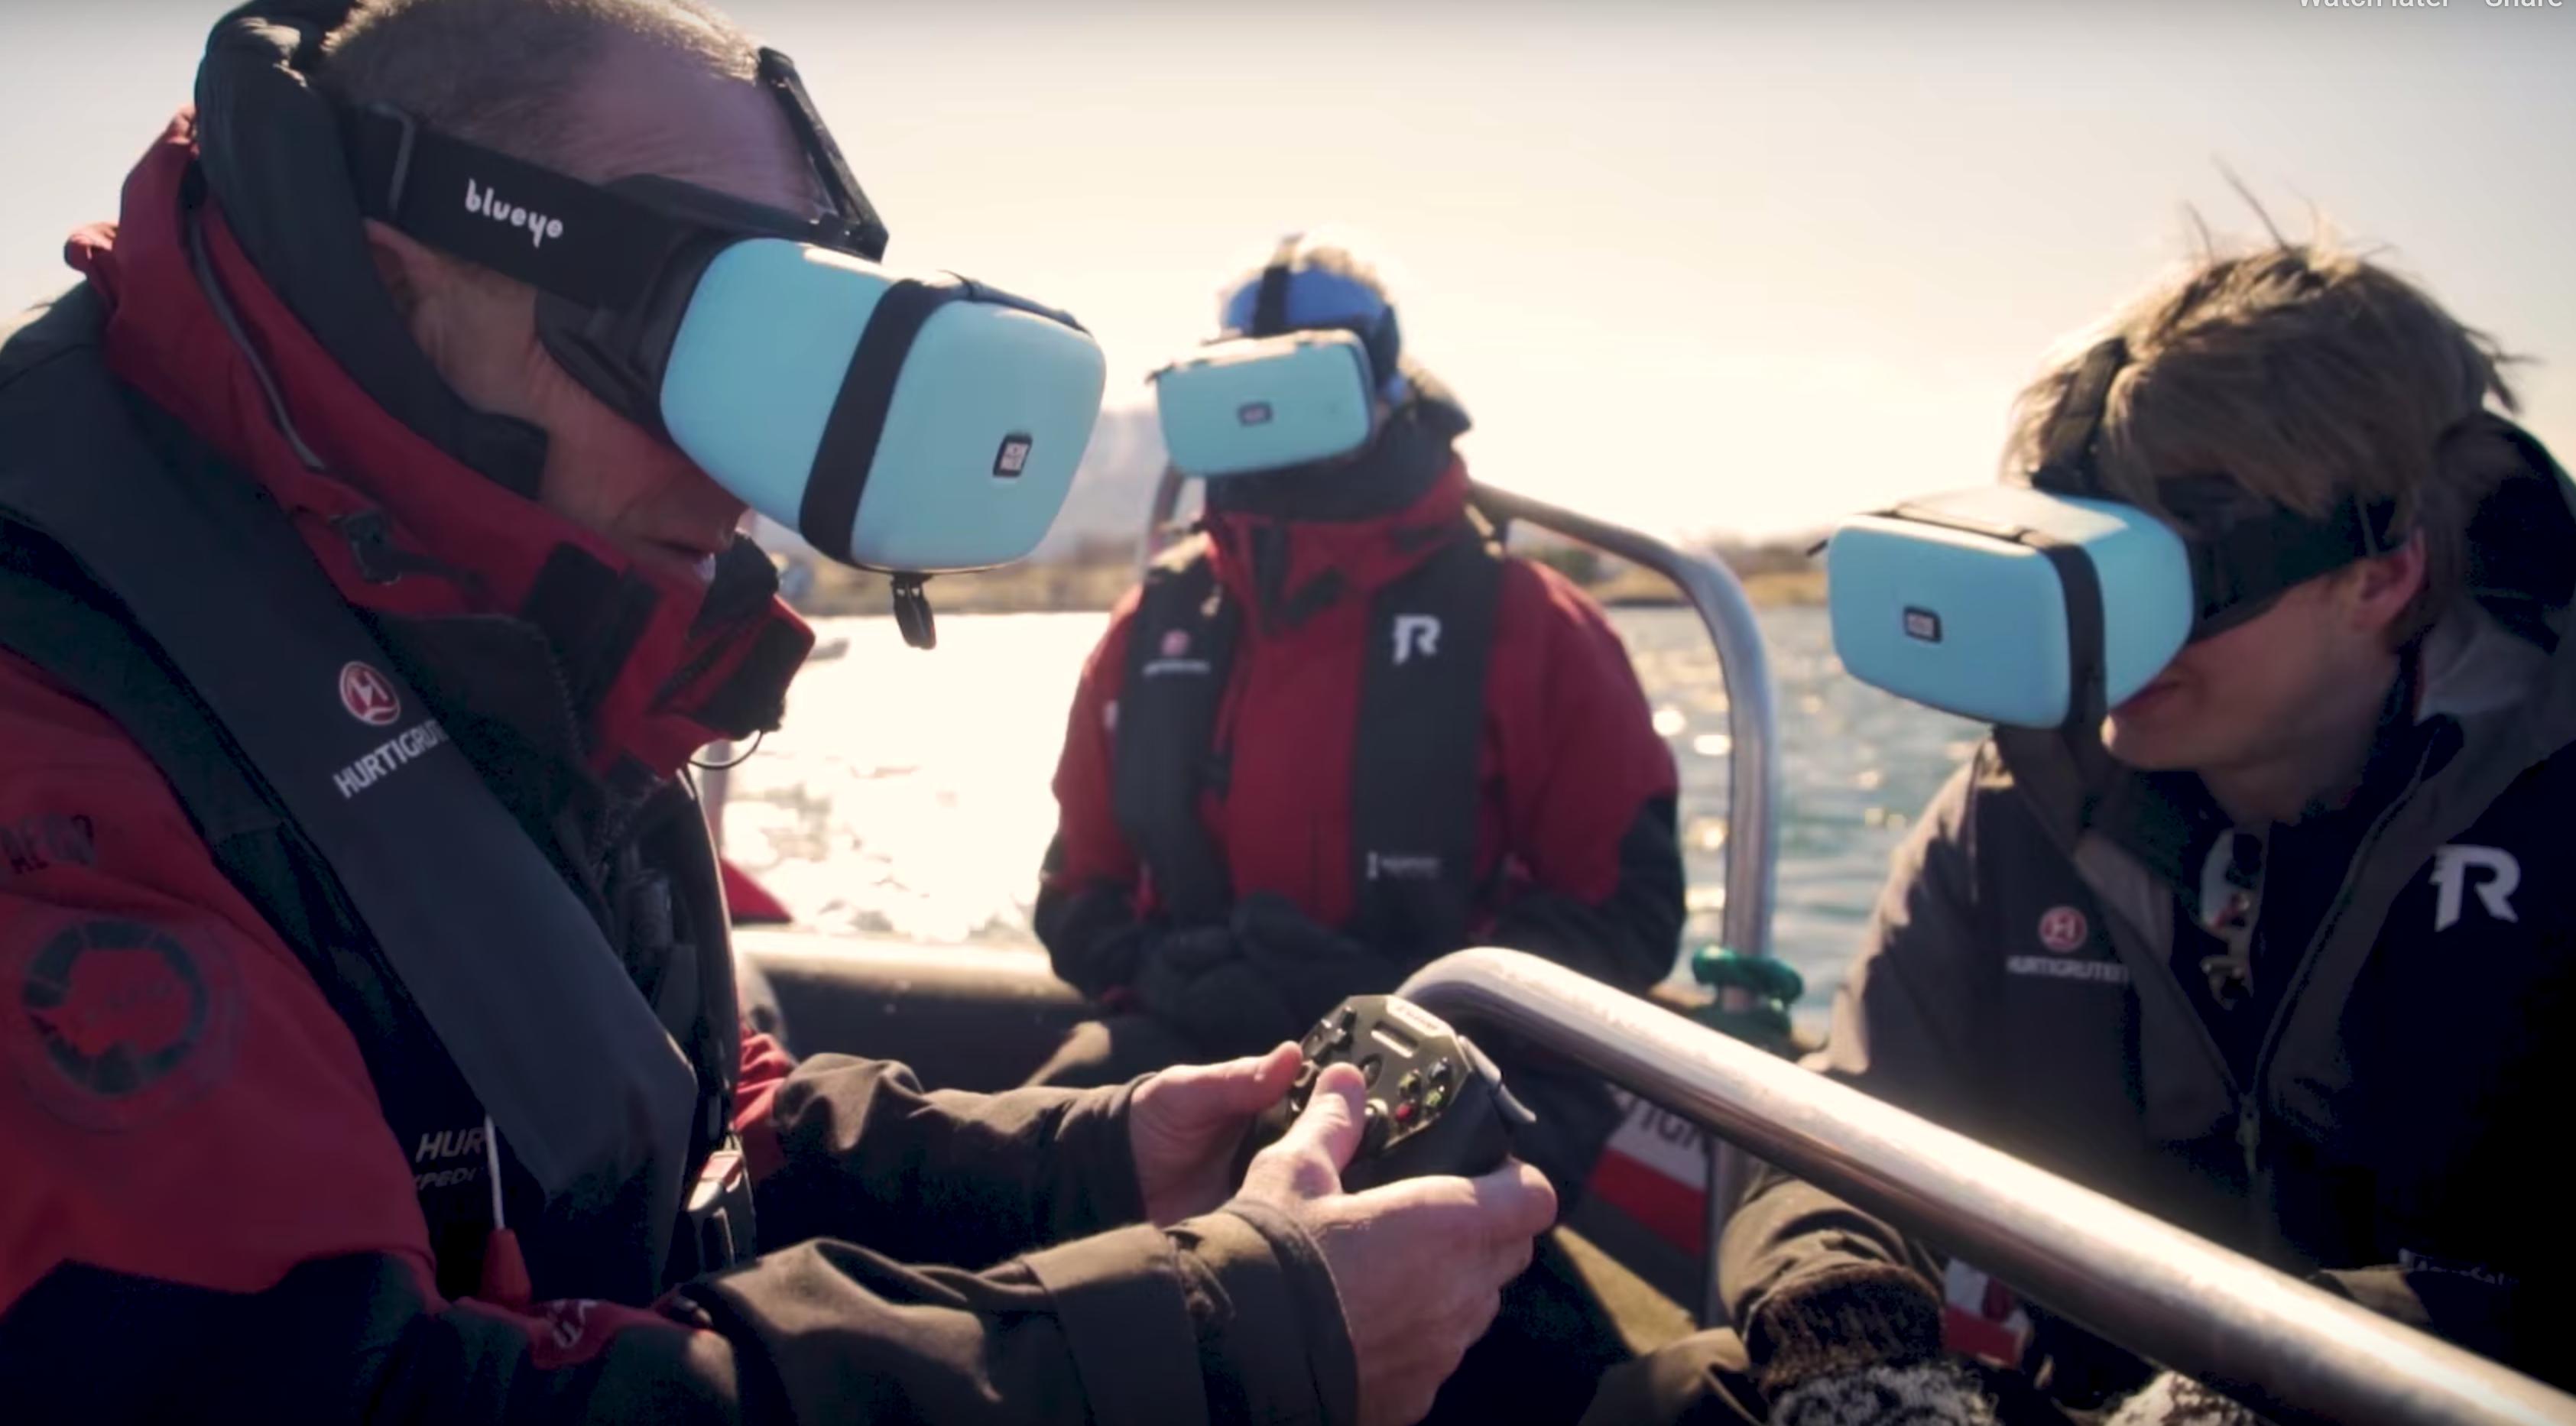 Personer i en båt som nyter live undervannsbilder gjennom en smarttelefon plassert i en MovieMask.